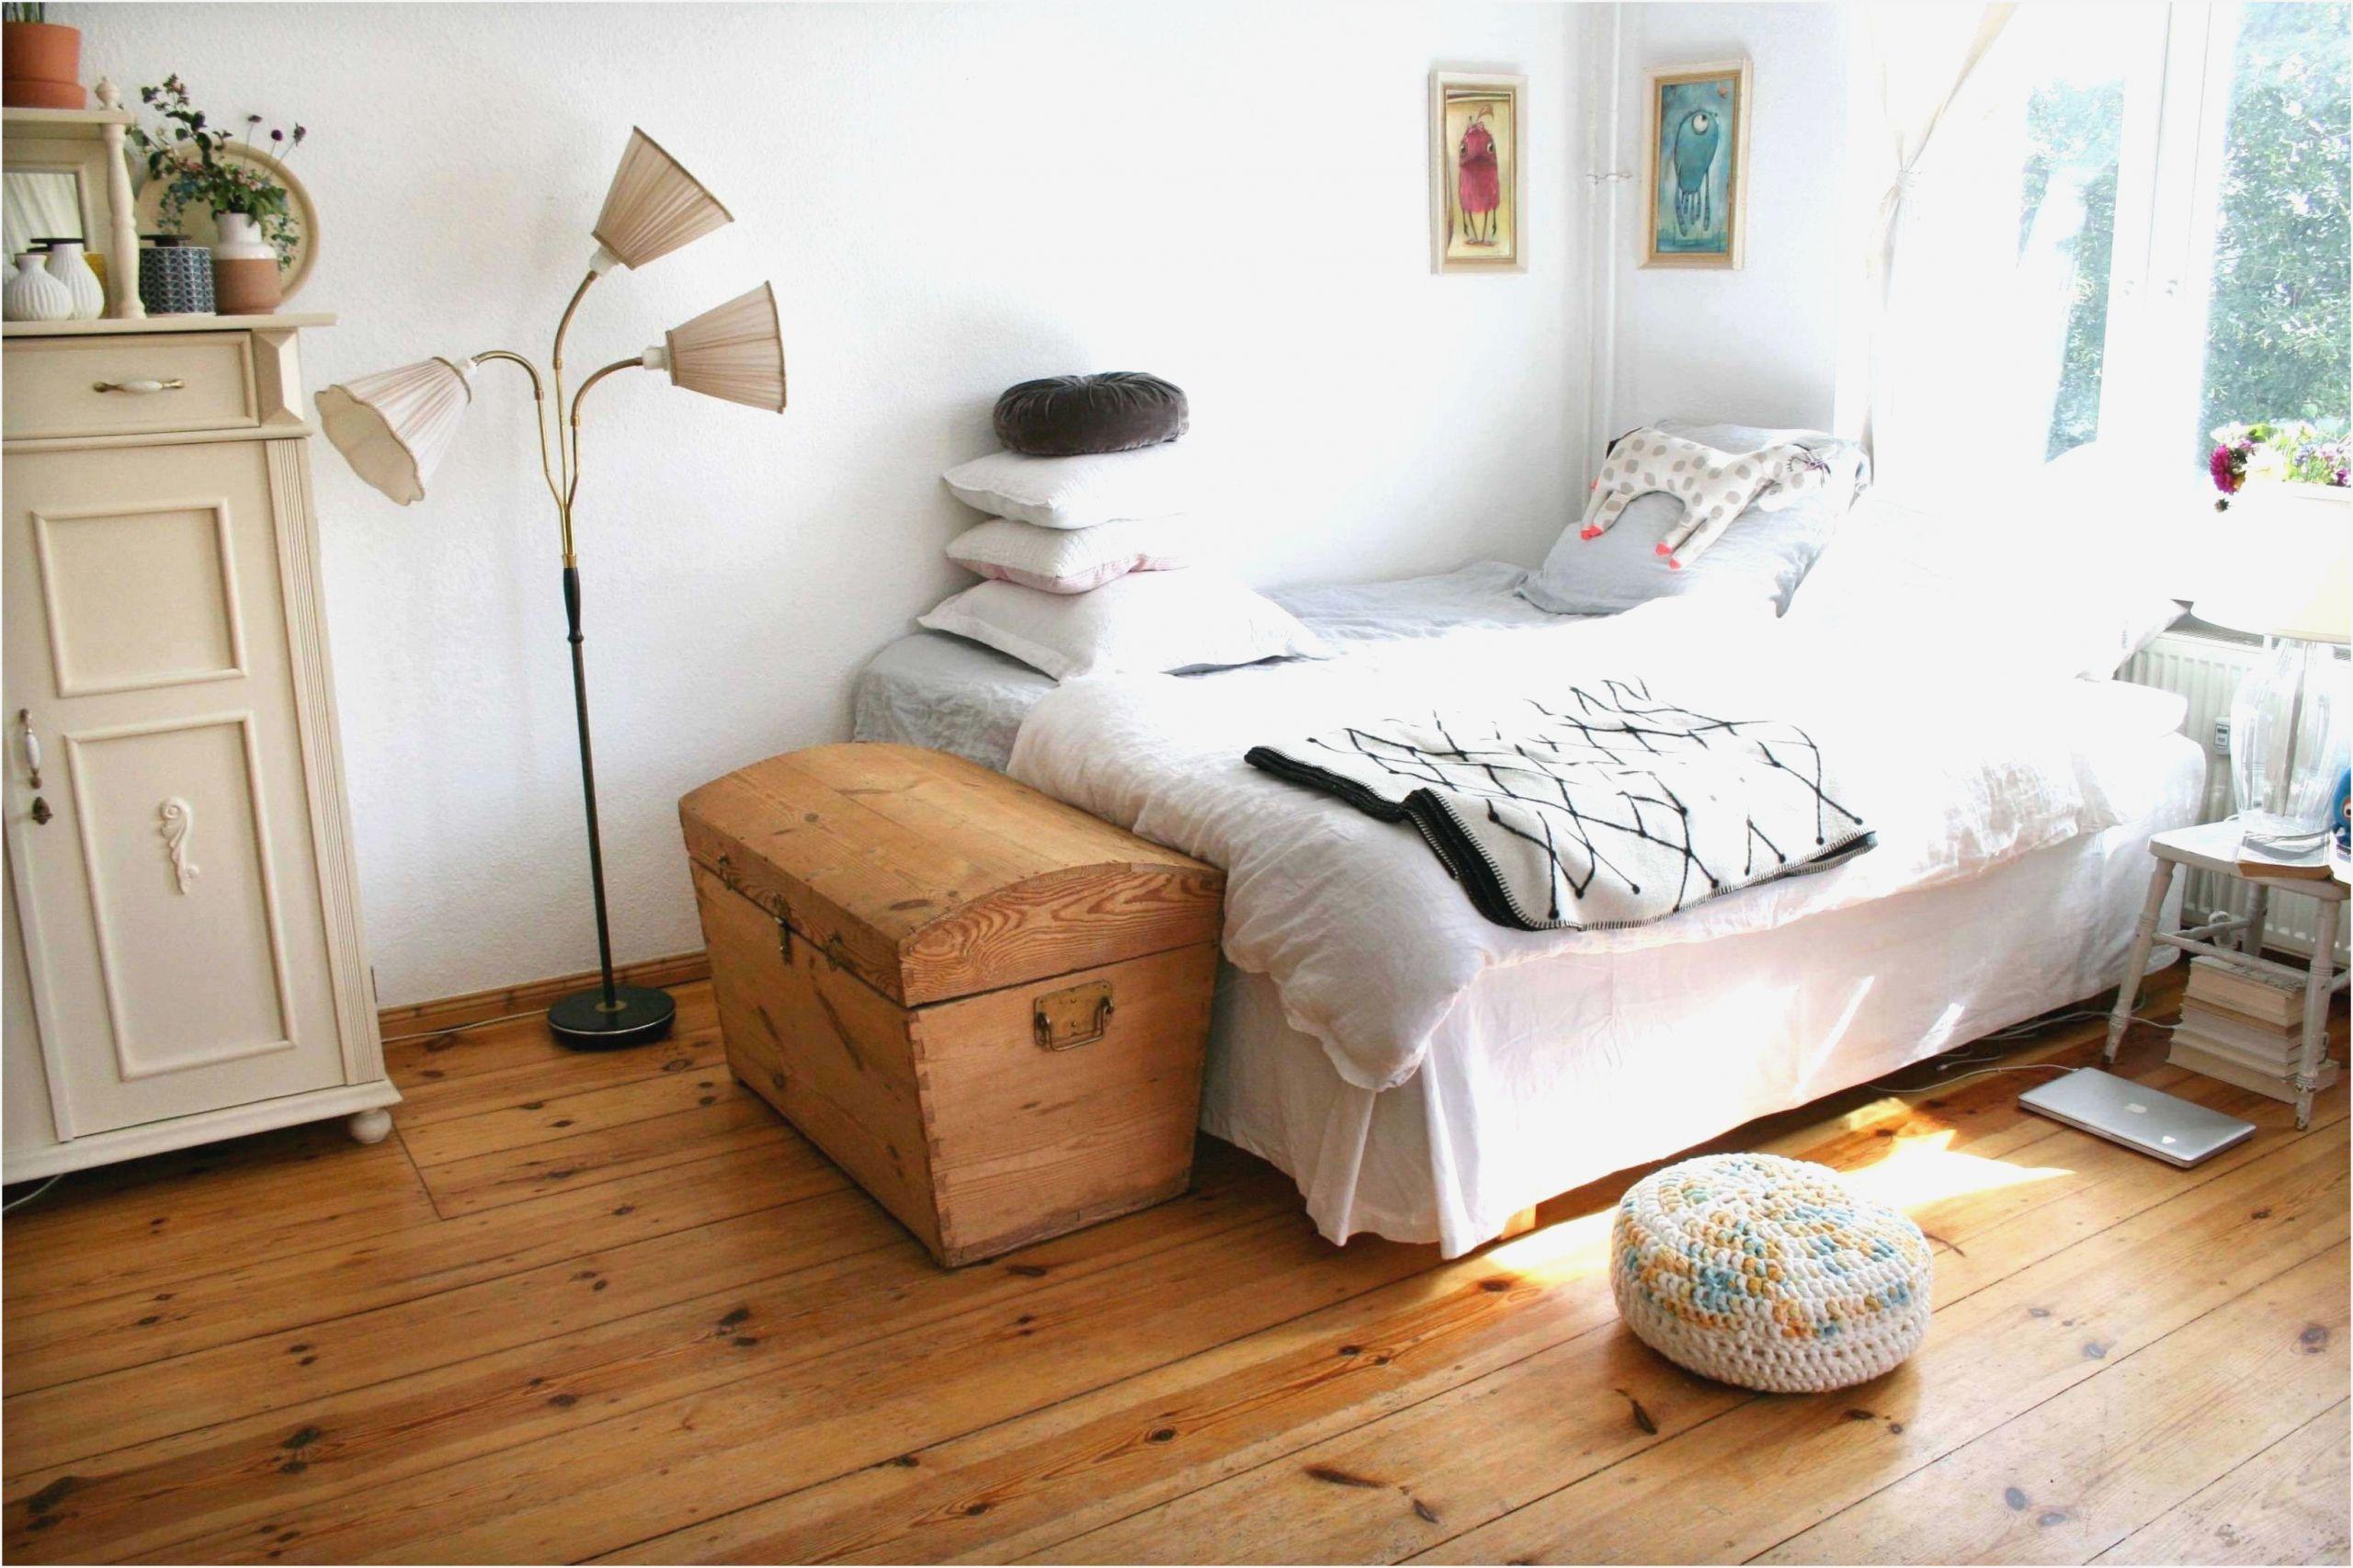 Kreative Ideen Aus Holz Inspirierend Wandgestaltung Kreative Ideen Schlafzimmer Schlafzimmer